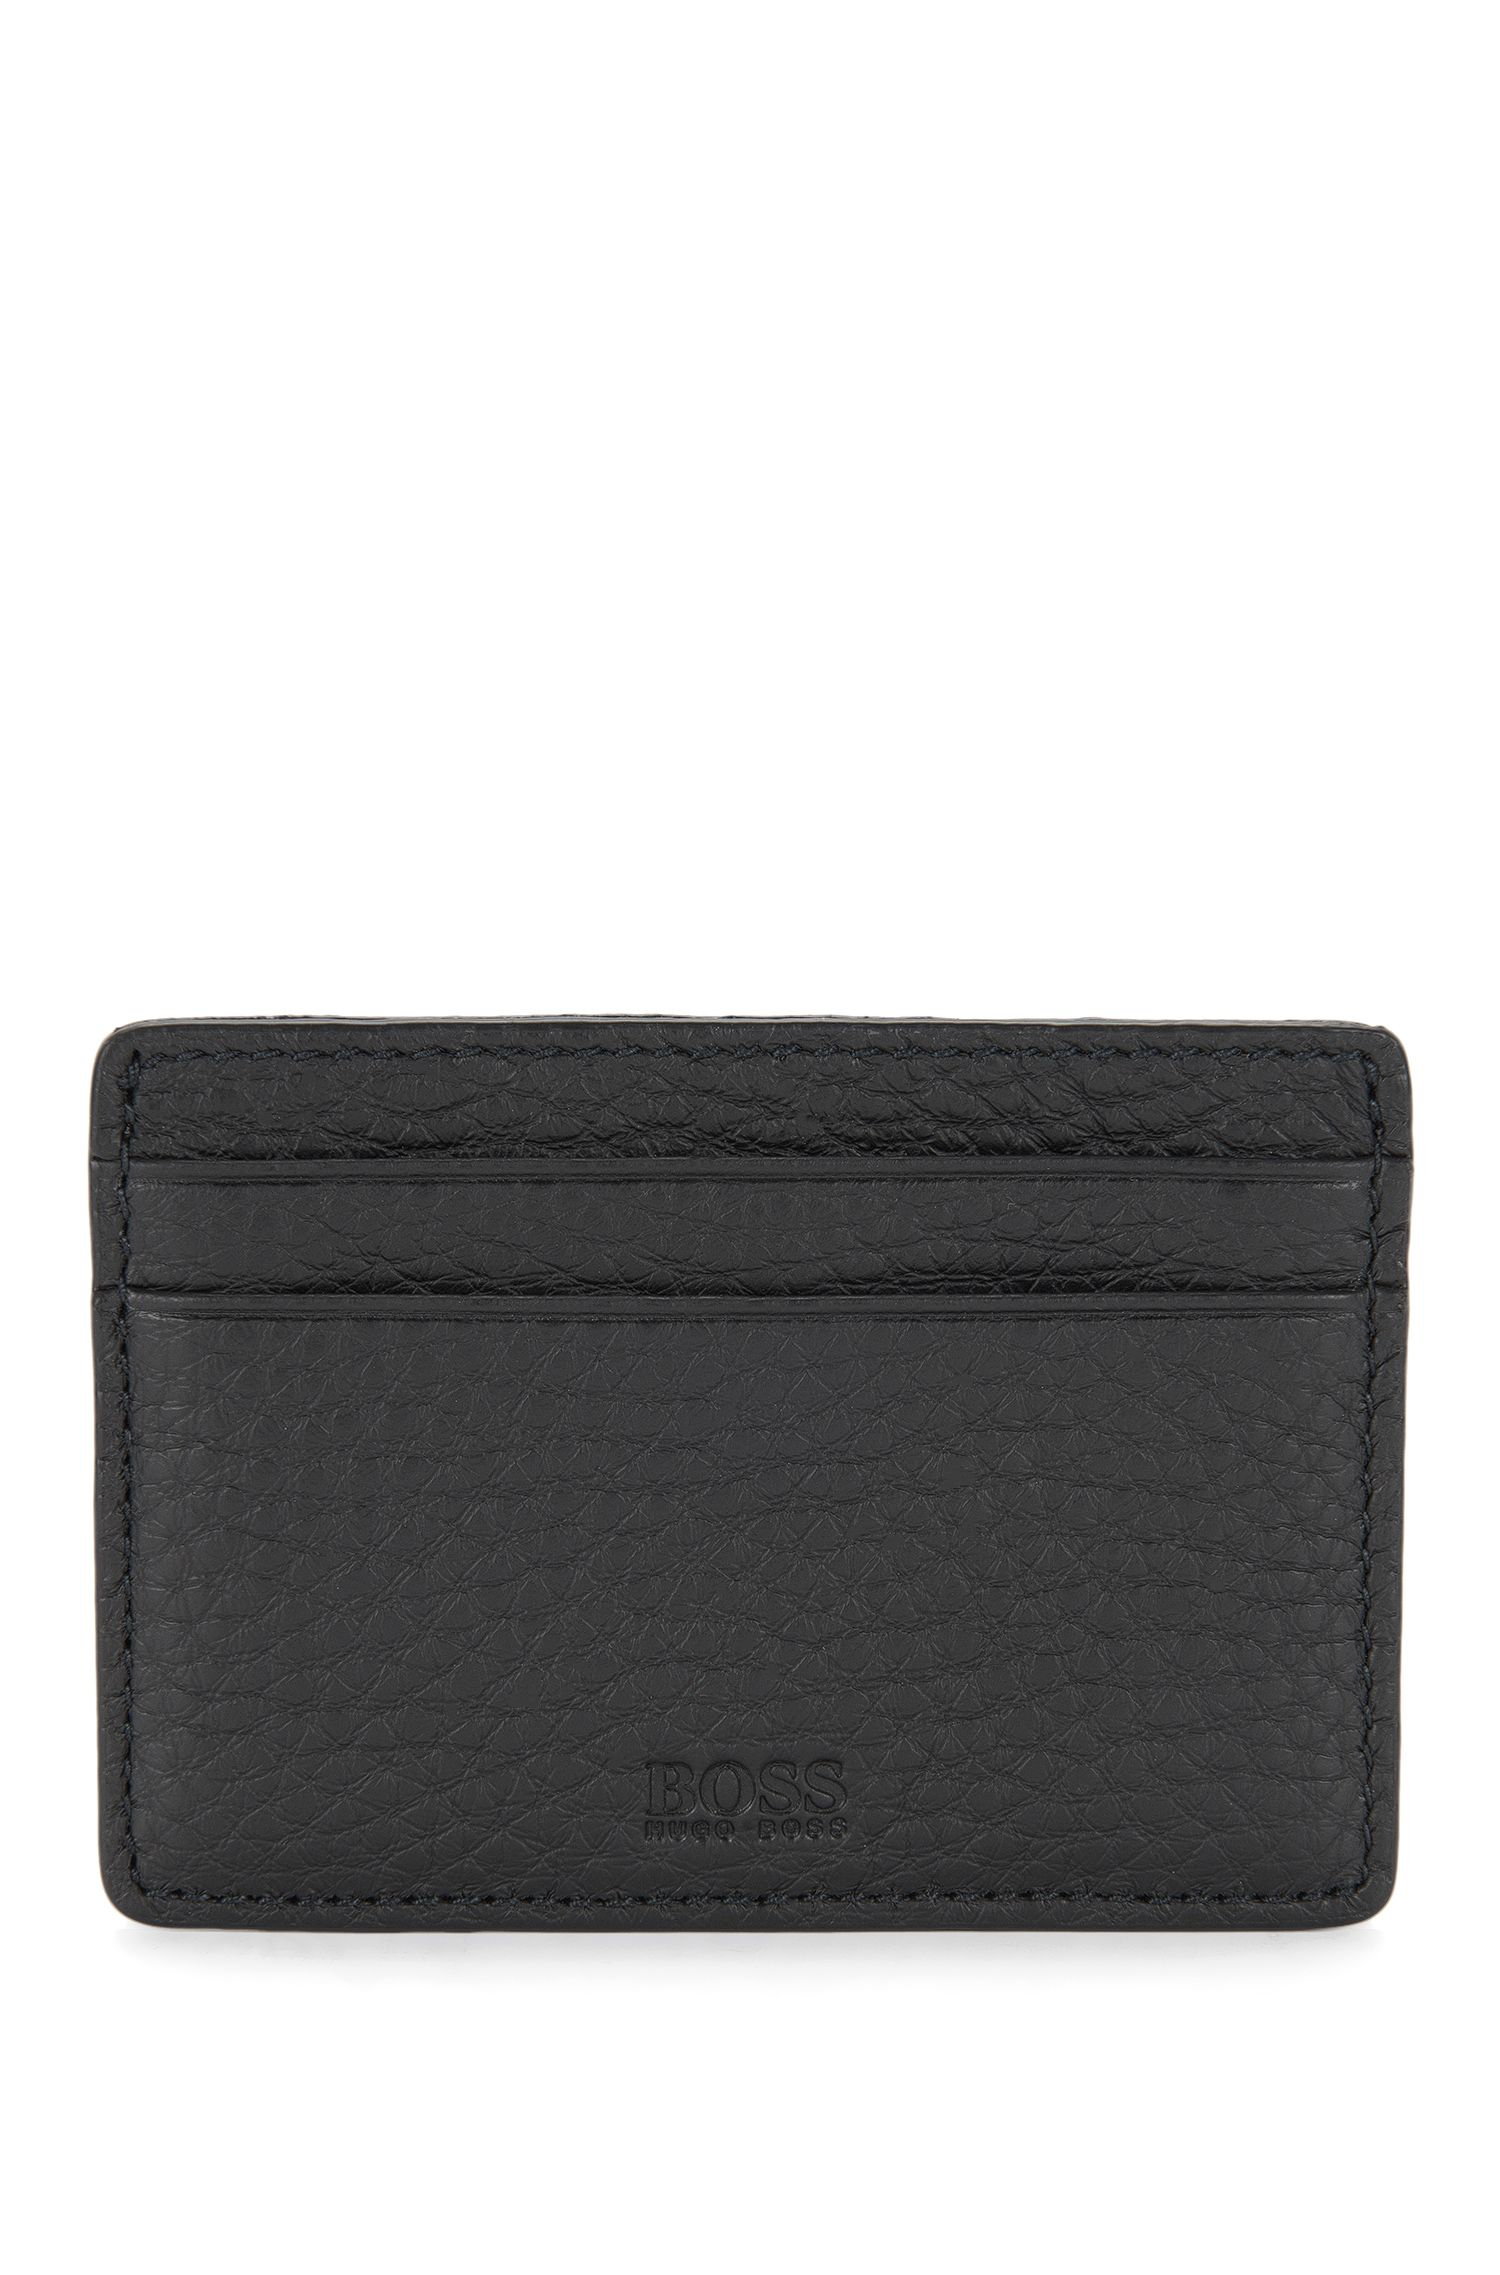 Leather Card Holder | Traveller S Card, Black